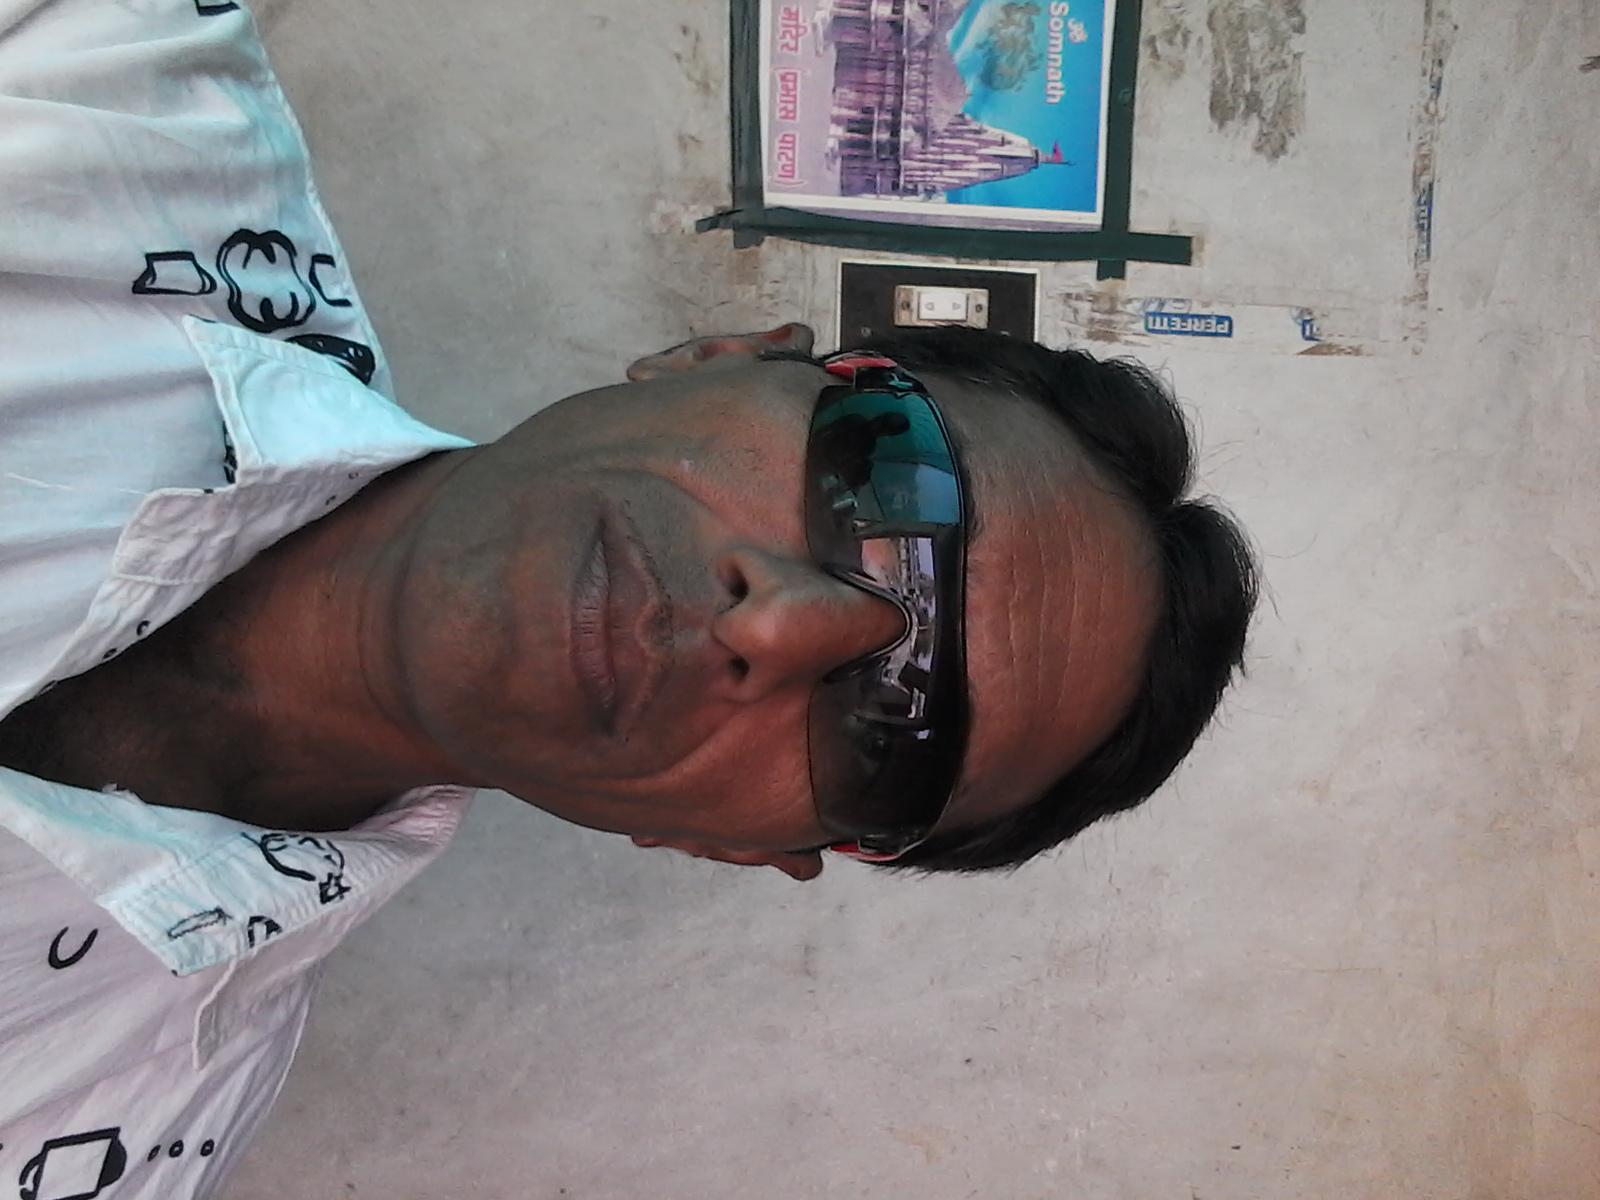 🌱 ખેડૂતોને મળશે નર્મદાનું પાણી - PERFET Somnath मंदिर मास पाटण - ShareChat